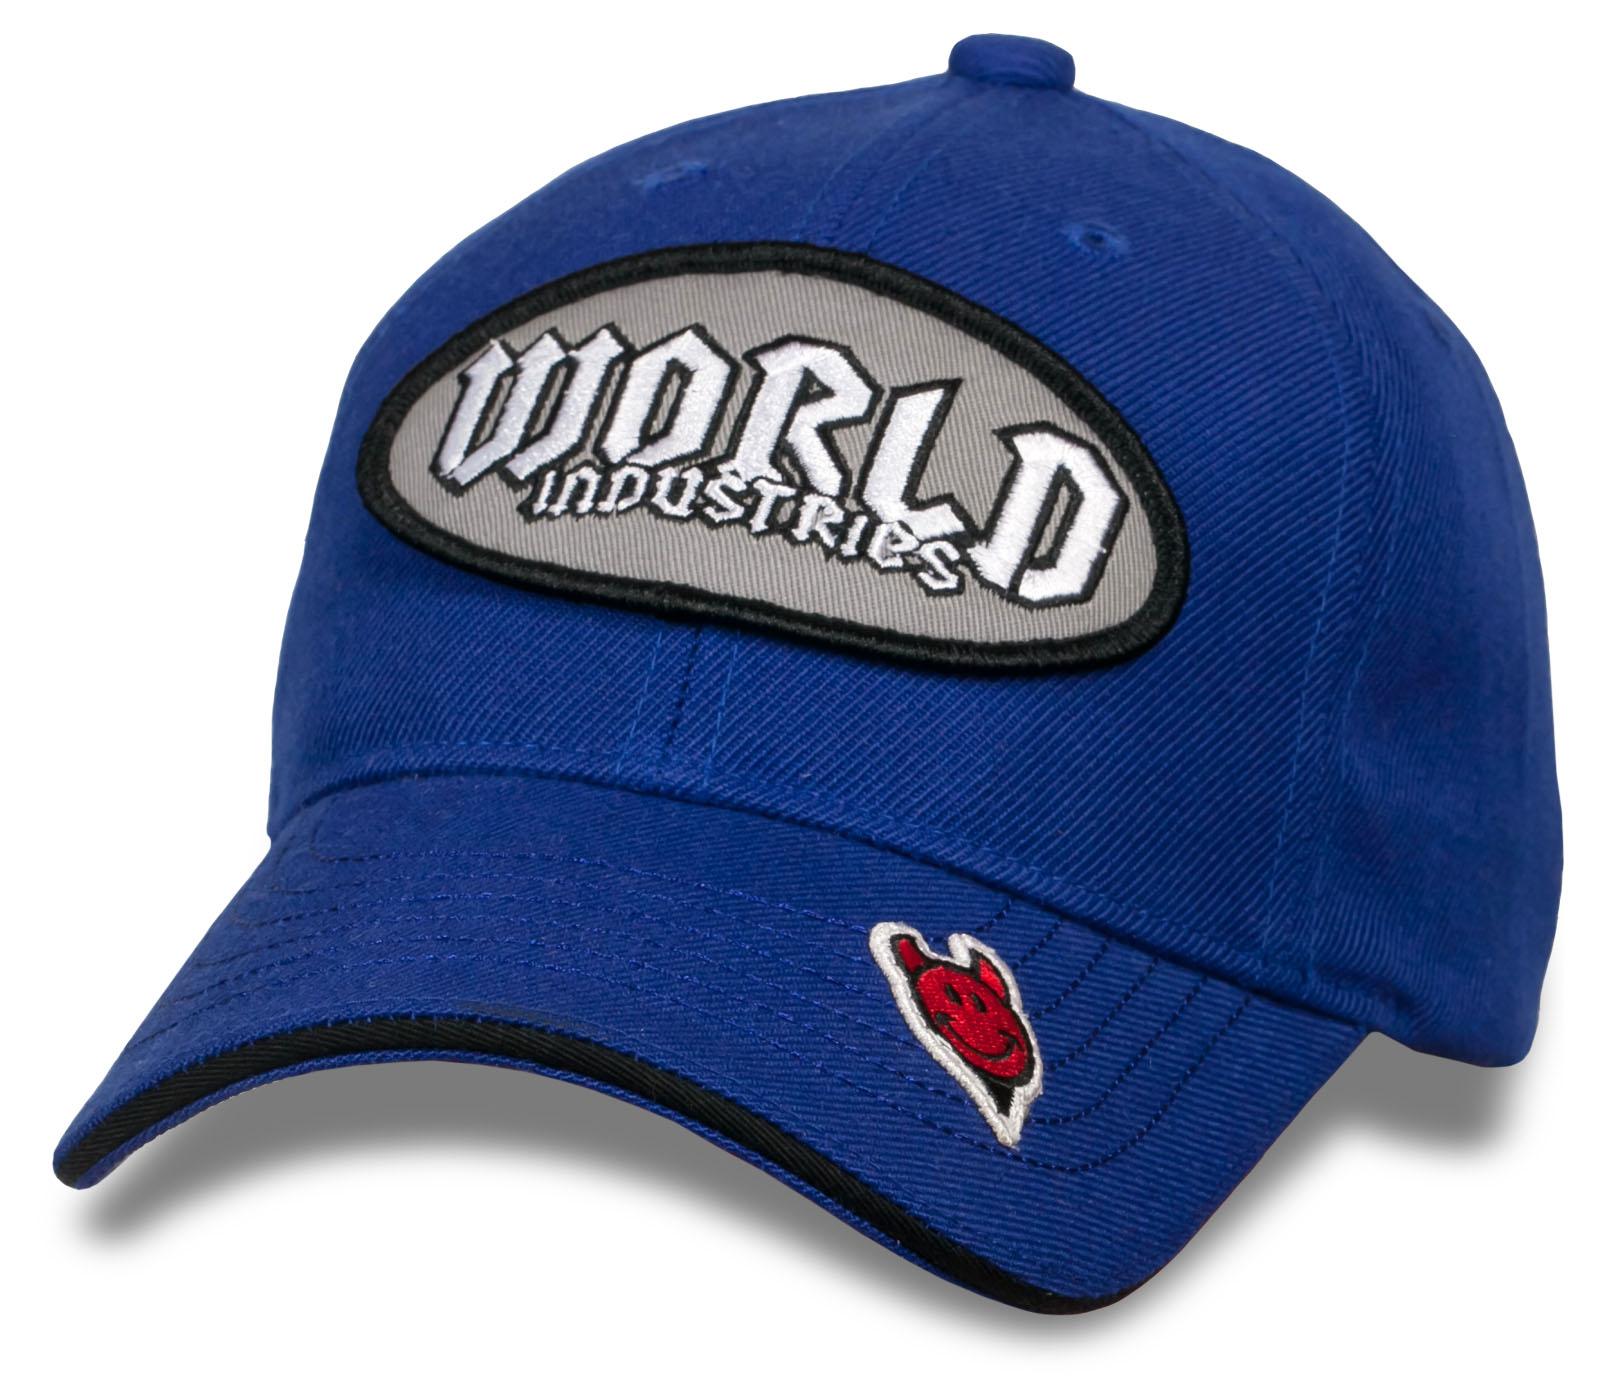 Брендовая бейсболка World industries